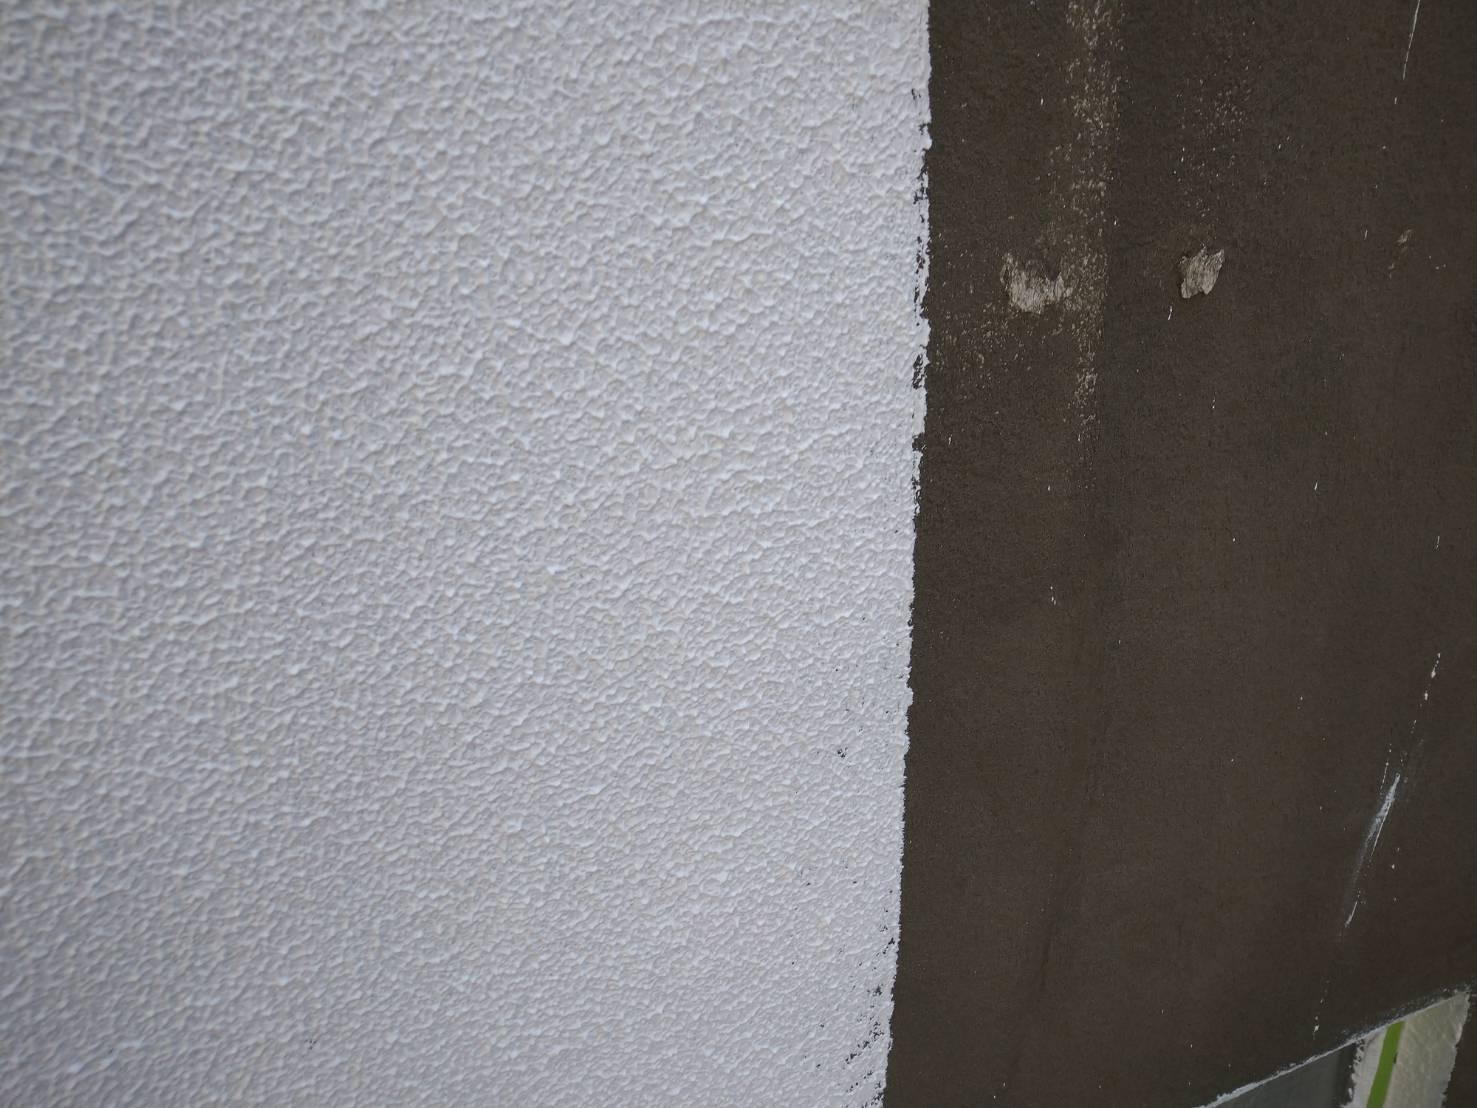 フィラー塗装の画像